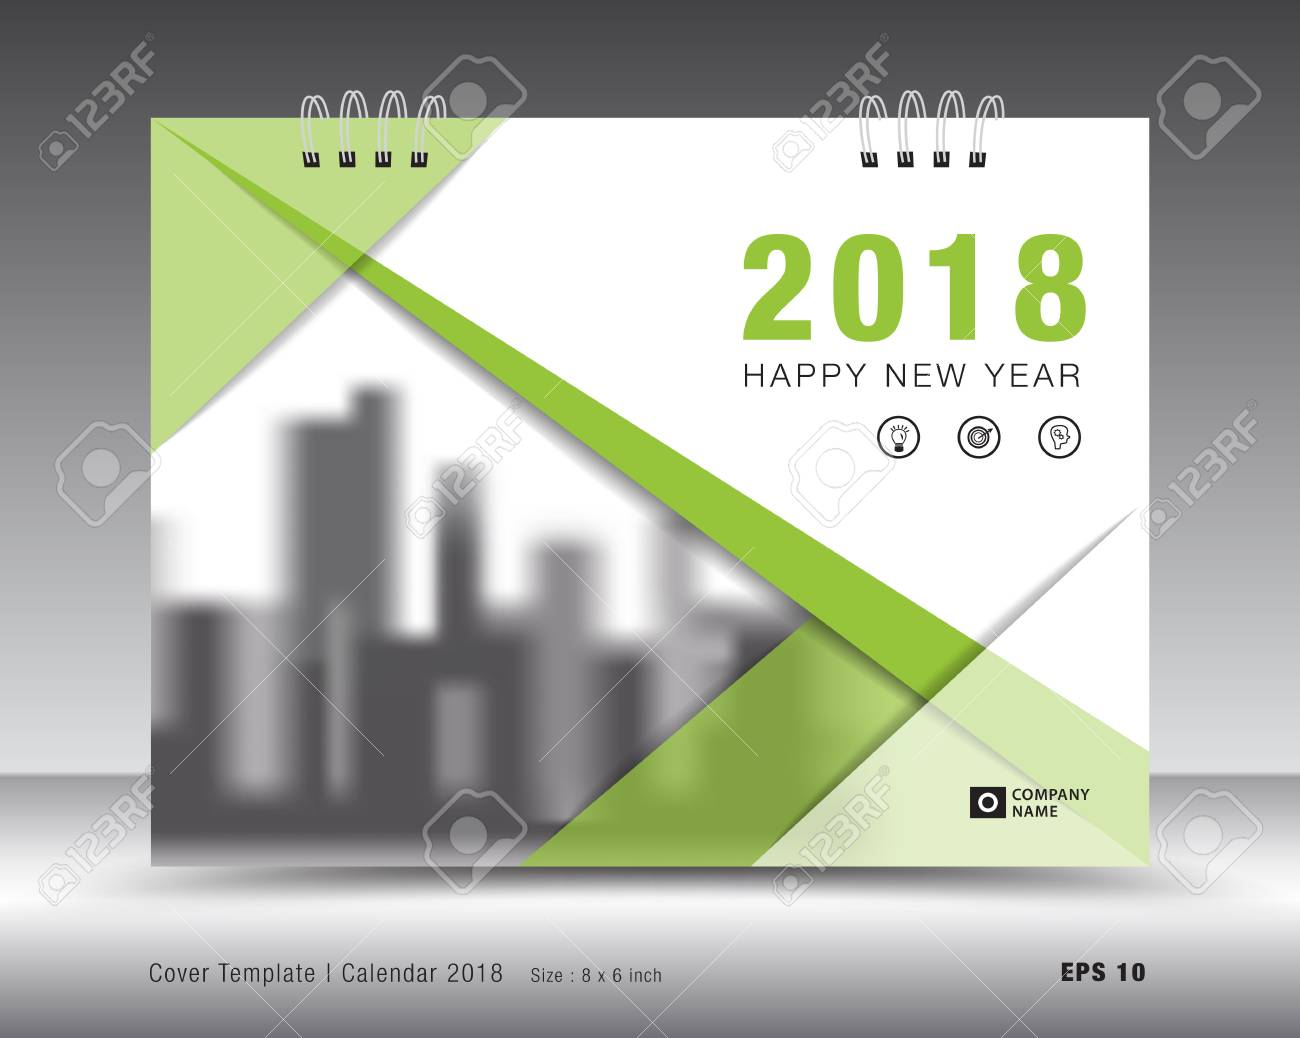 Abdeckung Kalender 2018 Vorlage. Grünbuch-Layout. Business-Broschüre ...